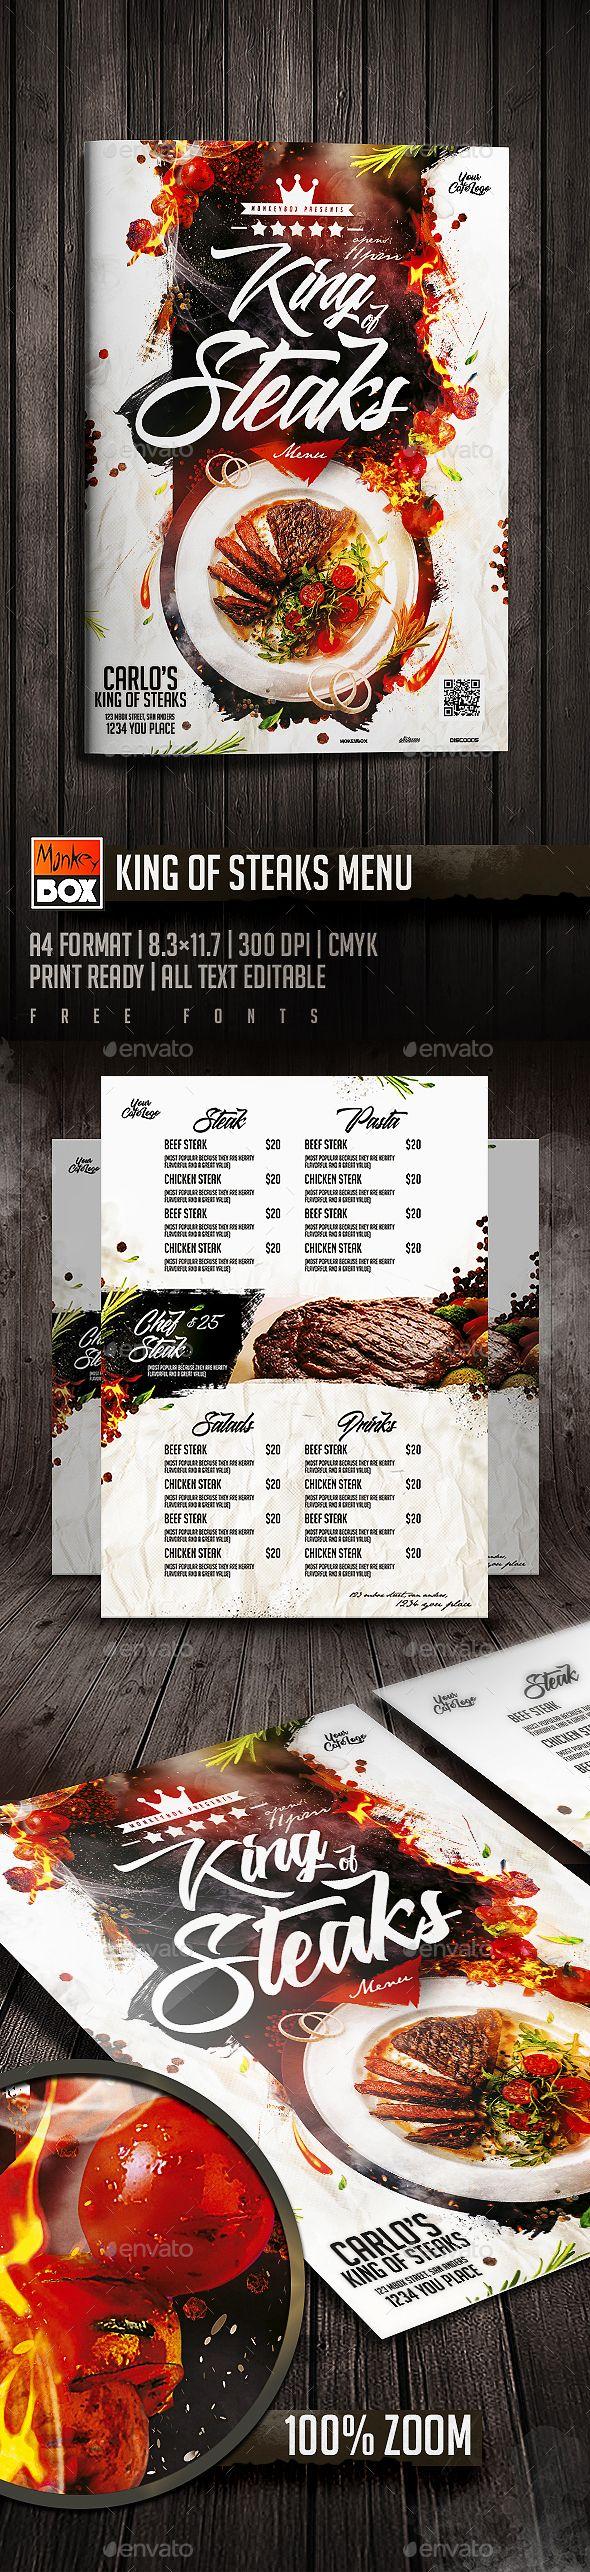 King Of Steaks Menu Template PSD